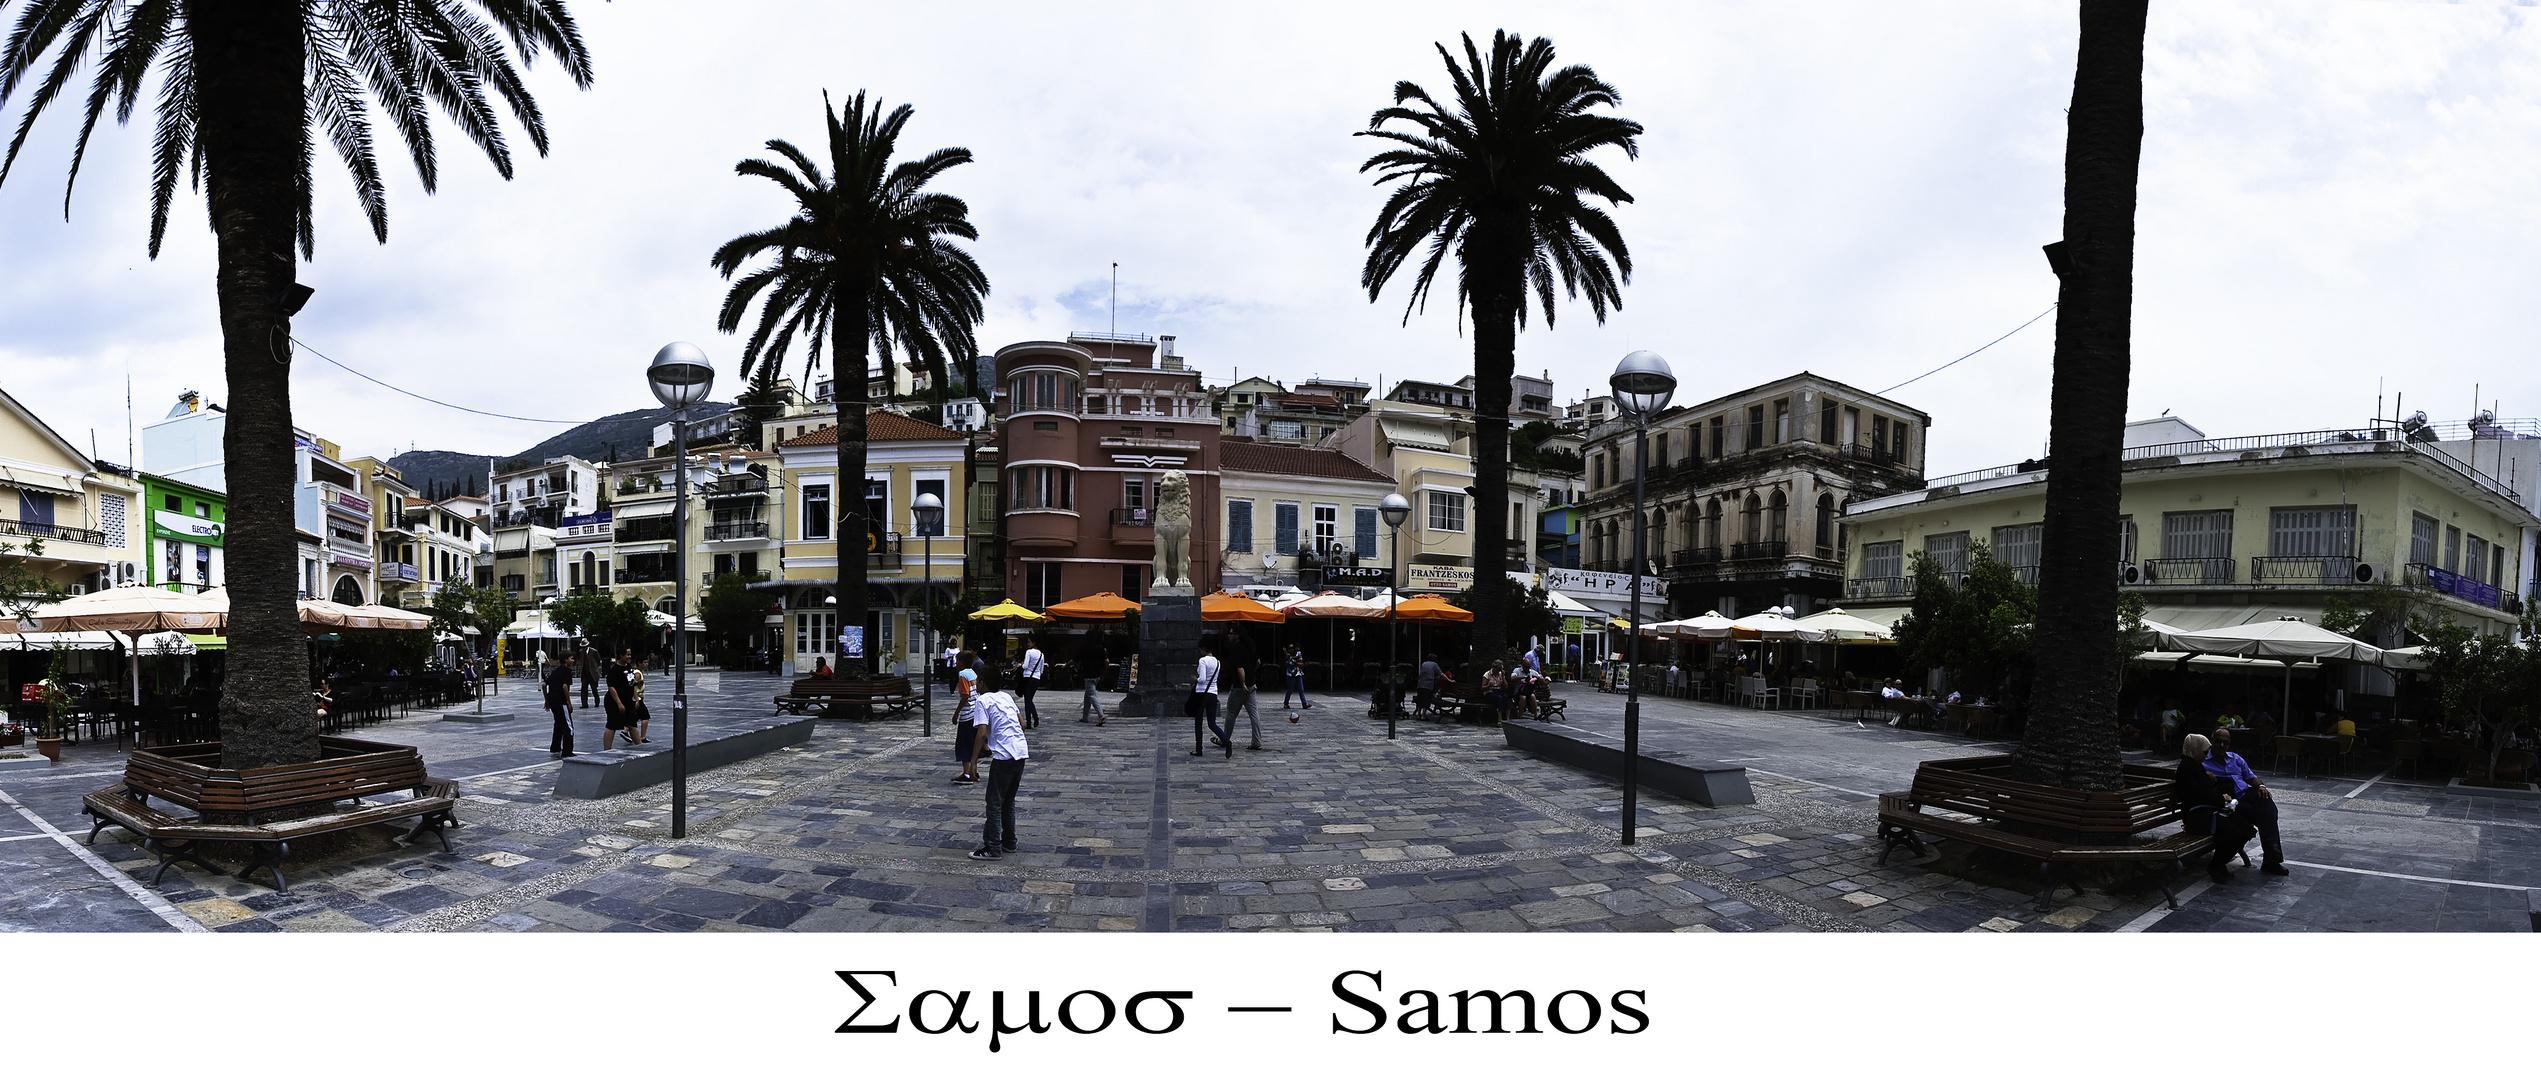 Samos Stadt Platia